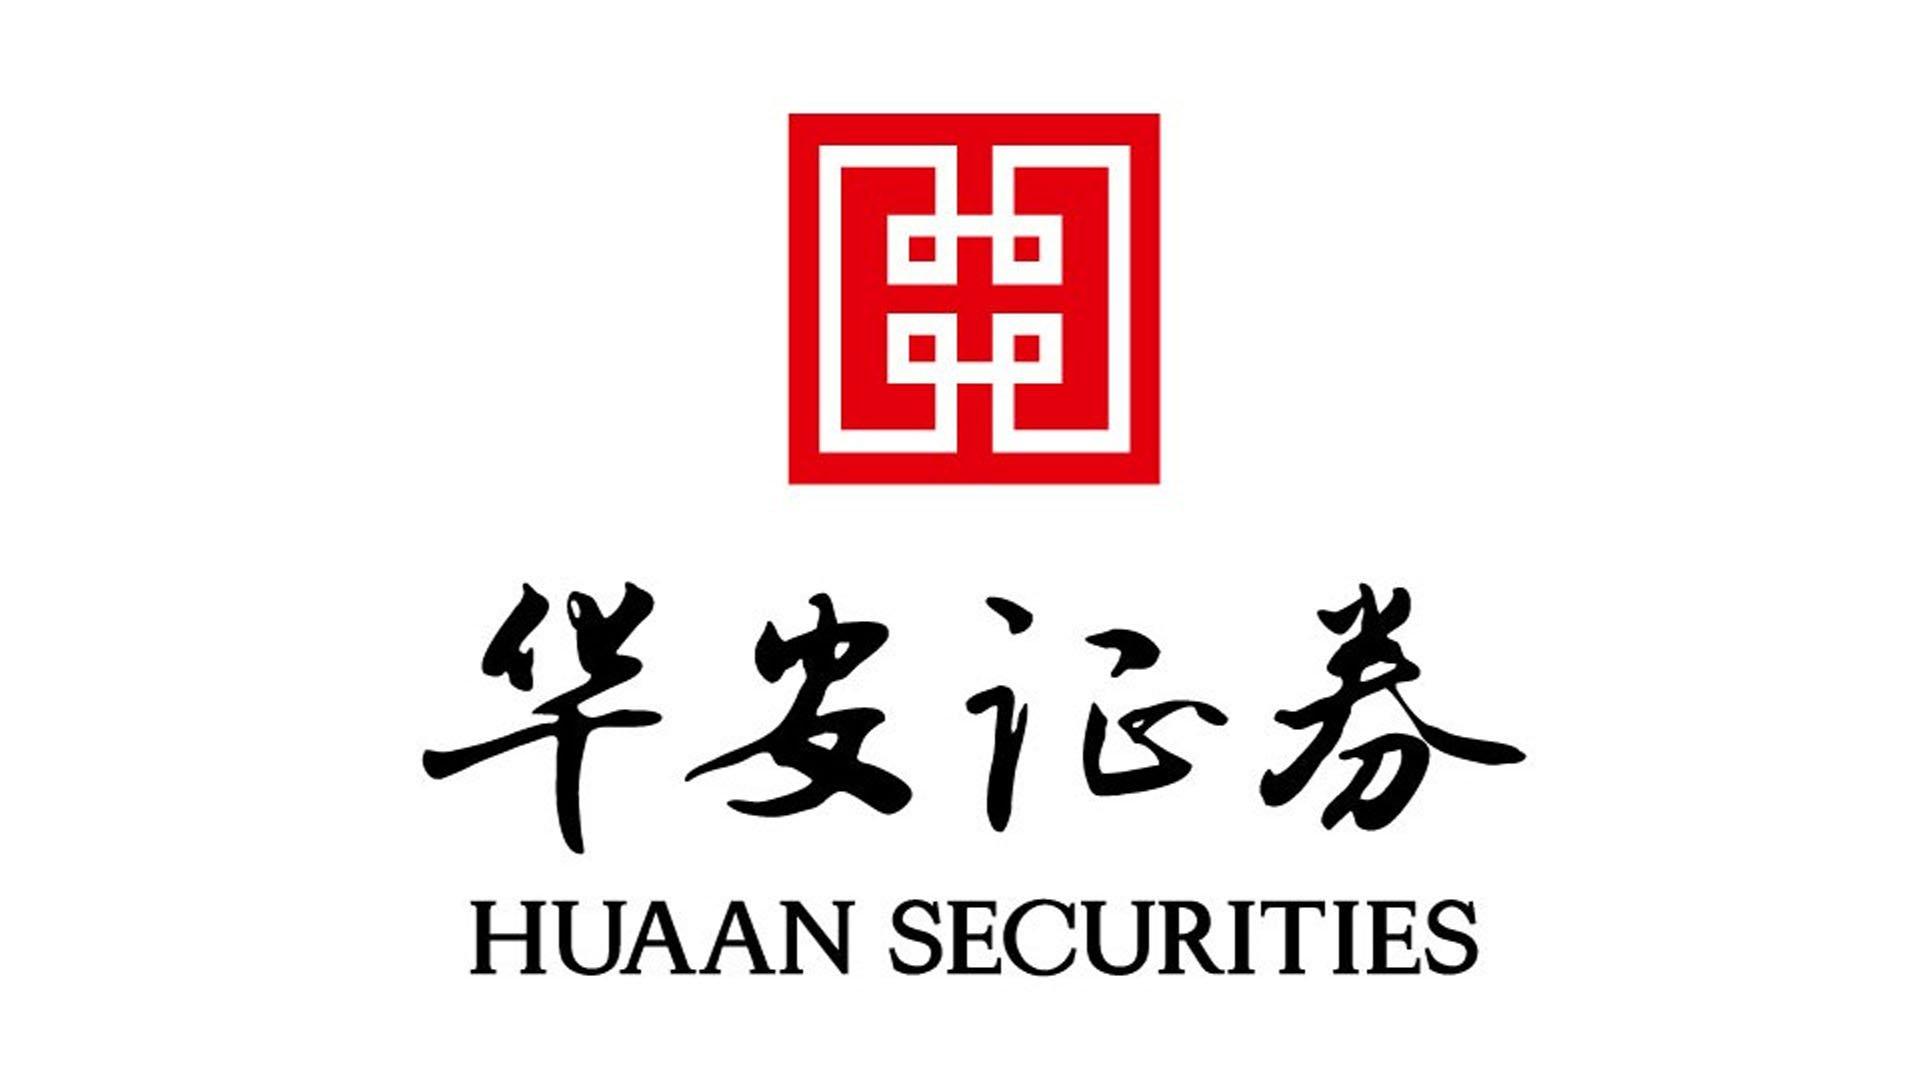 華安證券股份有限公司紹興解放大道證券營業部